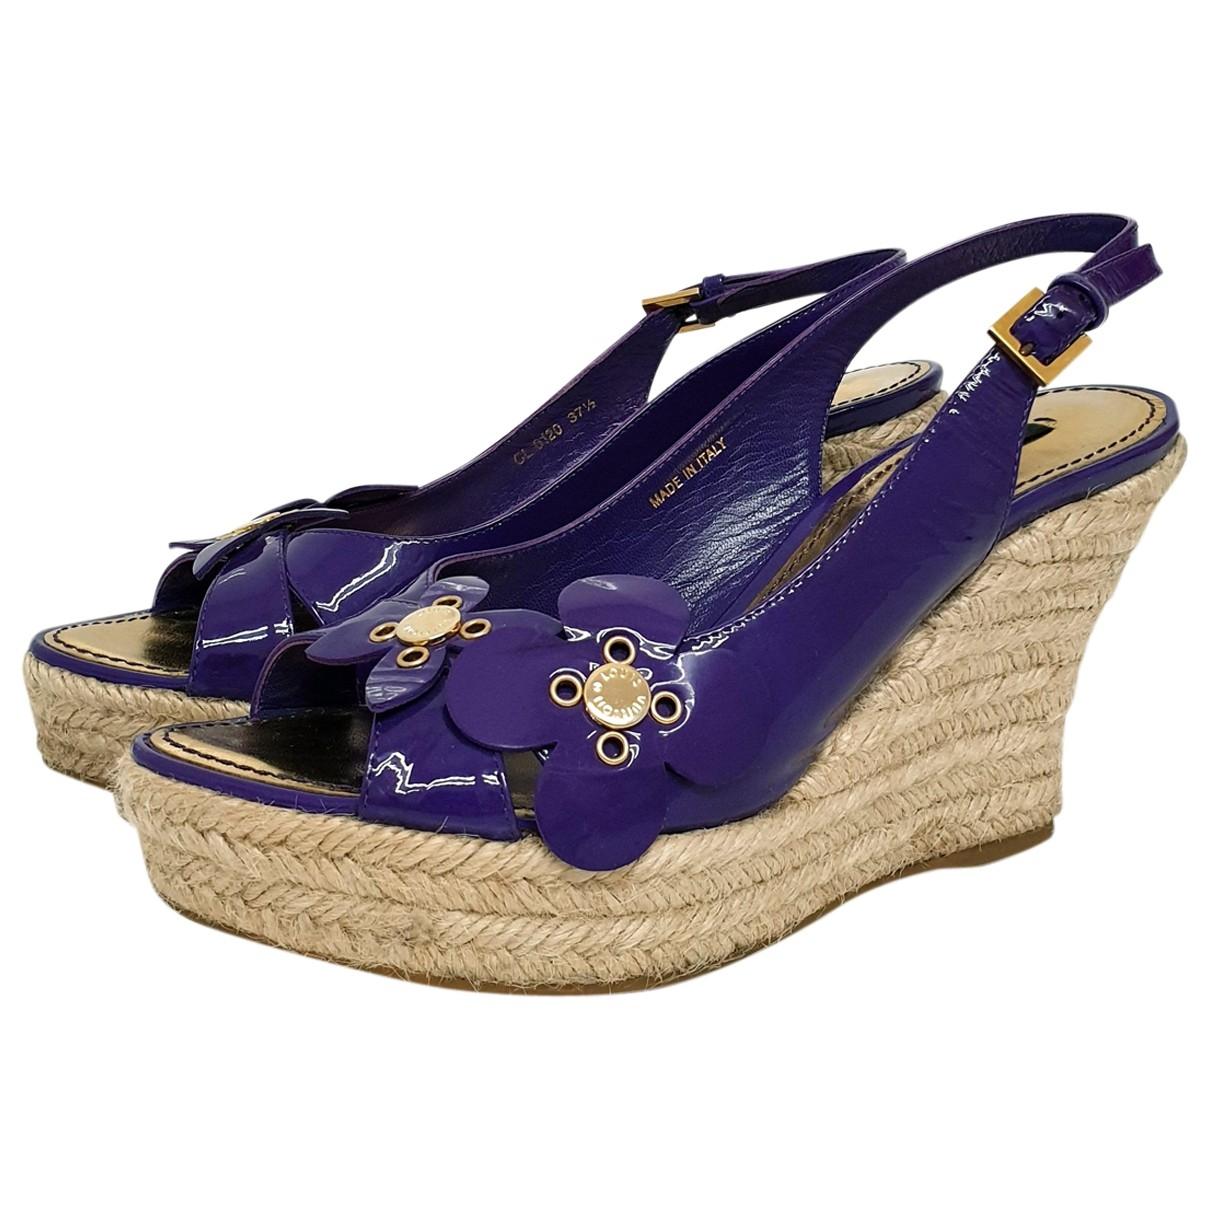 Louis Vuitton - Espadrilles   pour femme en cuir verni - violet